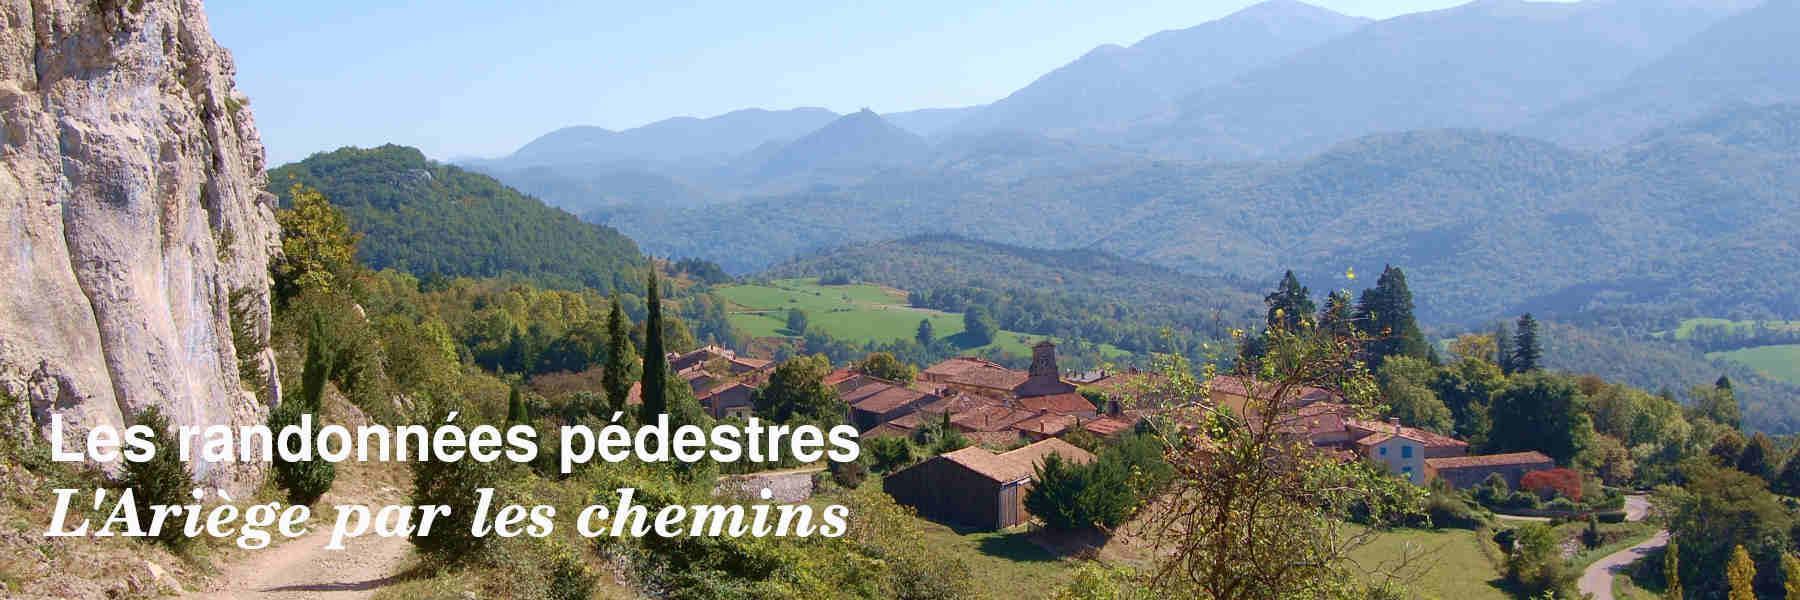 Les randonnées pédestres de l'Ariège